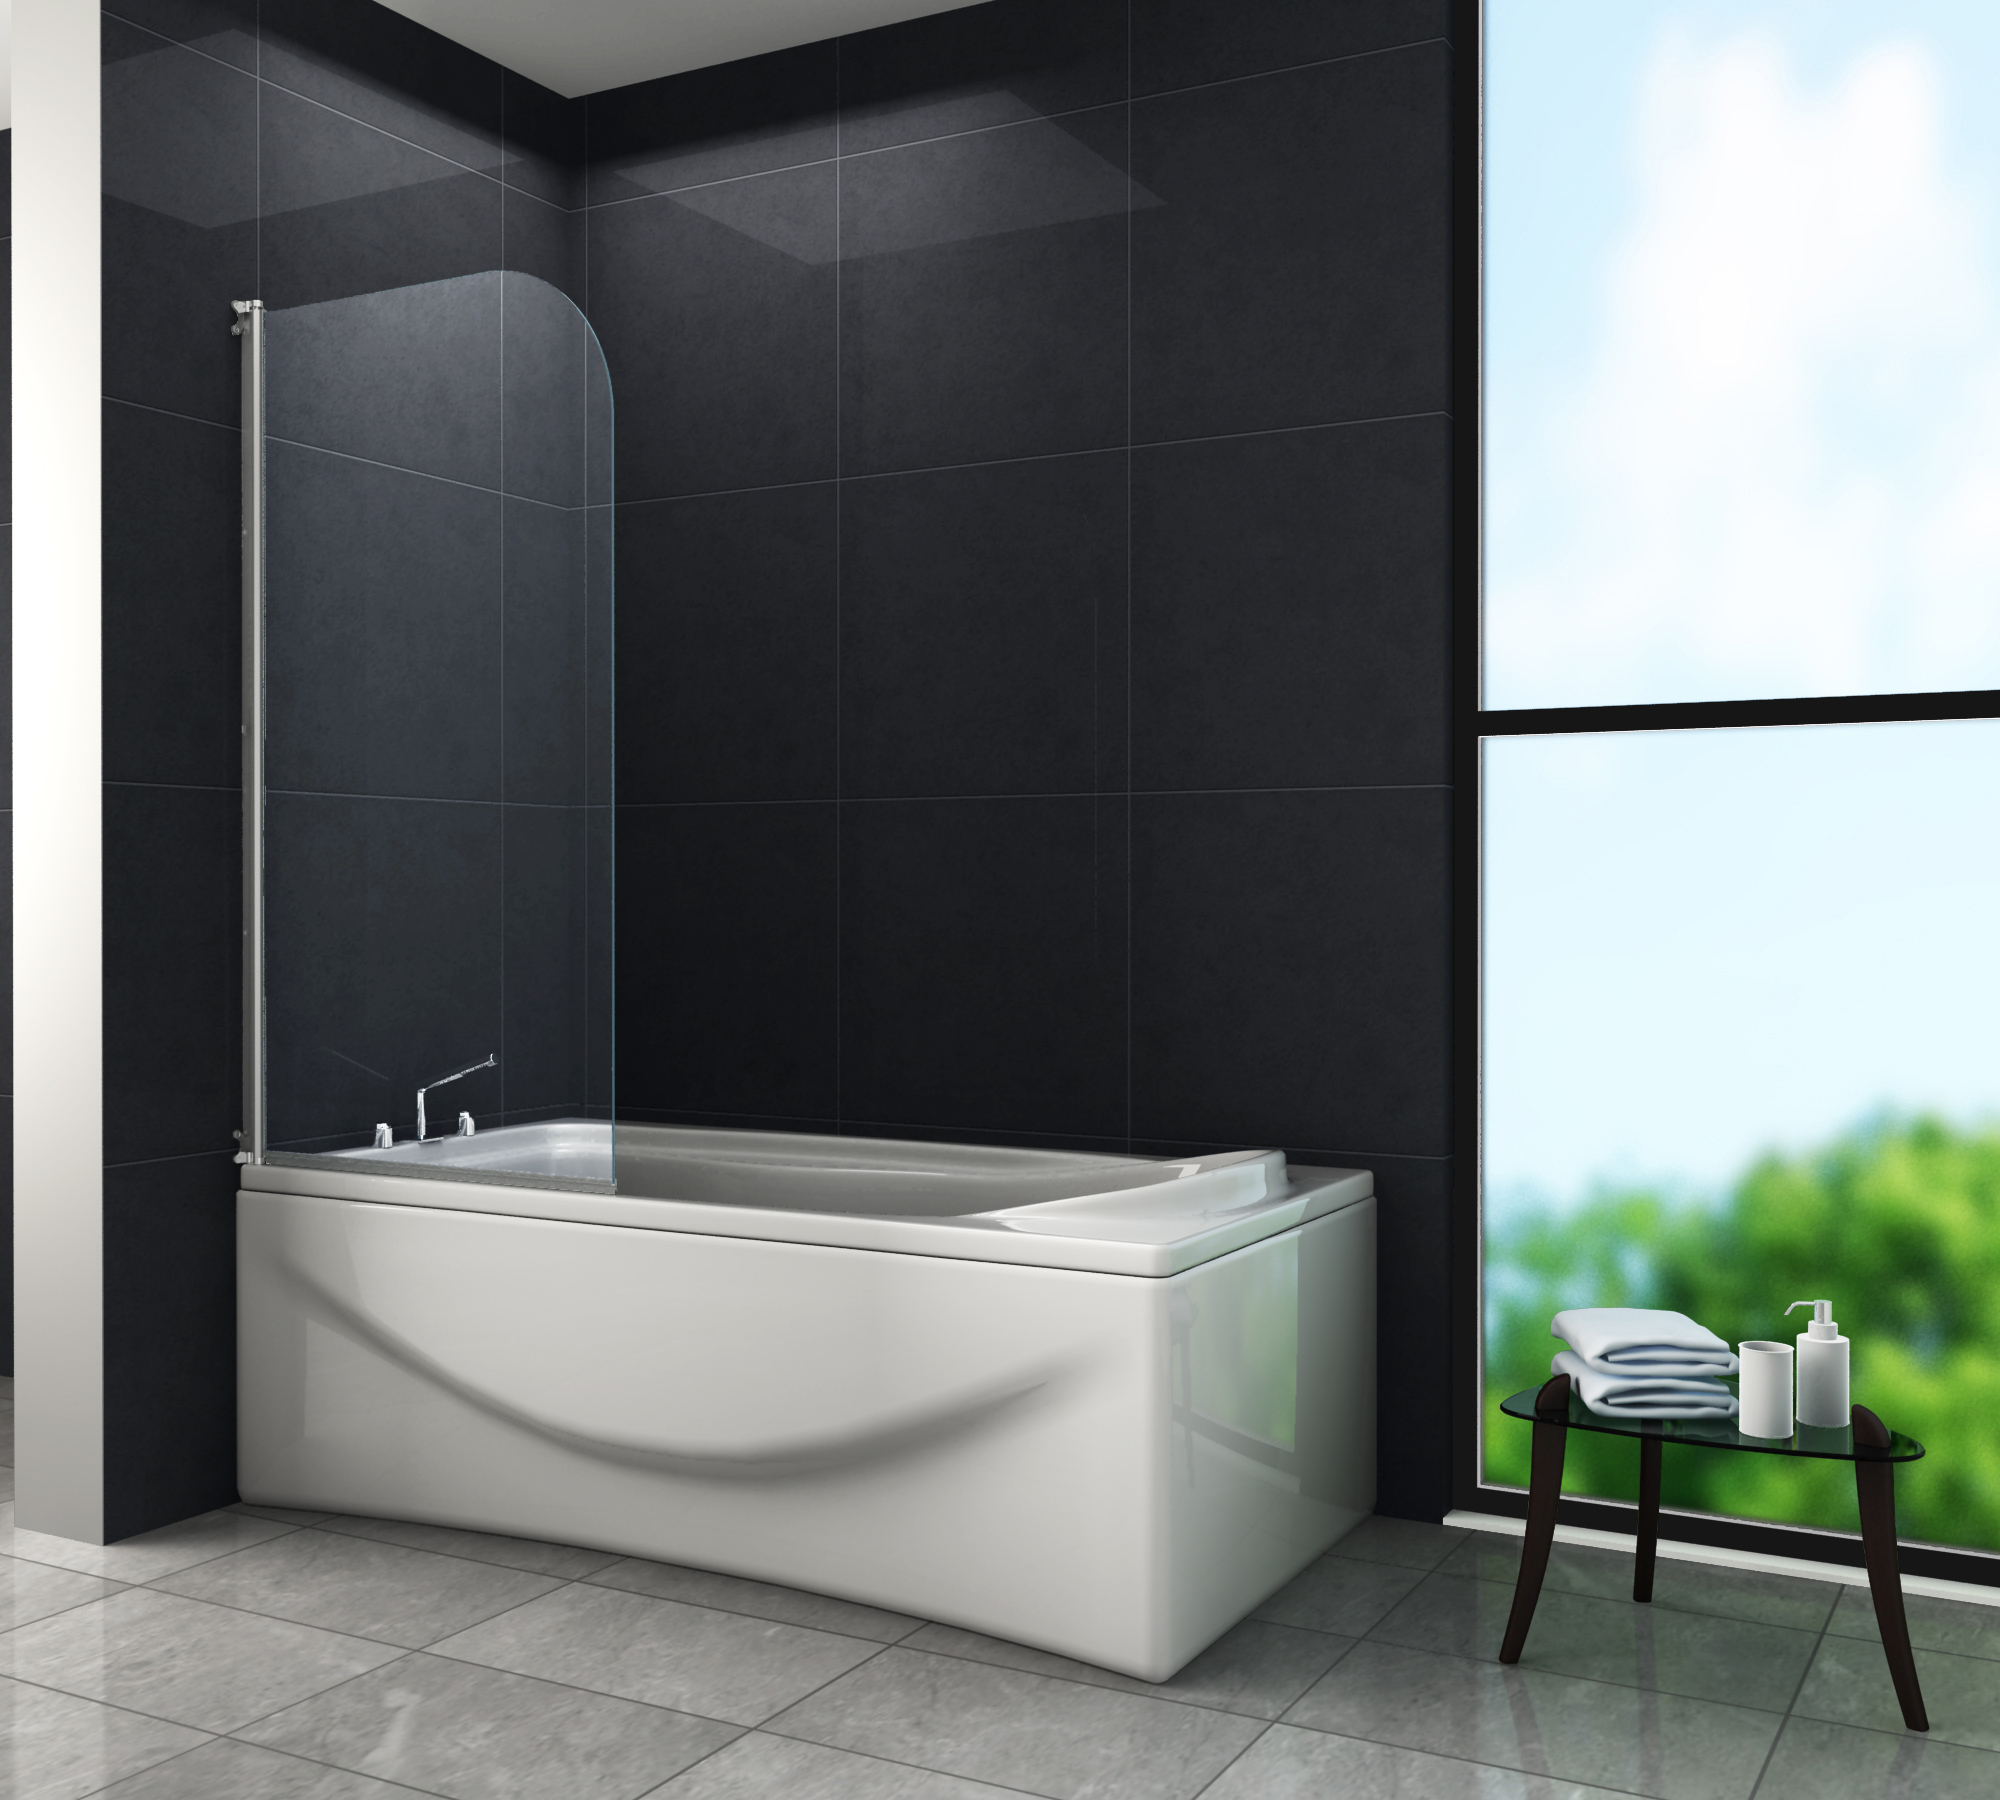 badewanne und dusche in einem artweger u duschen twinline with badewanne und dusche in einem. Black Bedroom Furniture Sets. Home Design Ideas